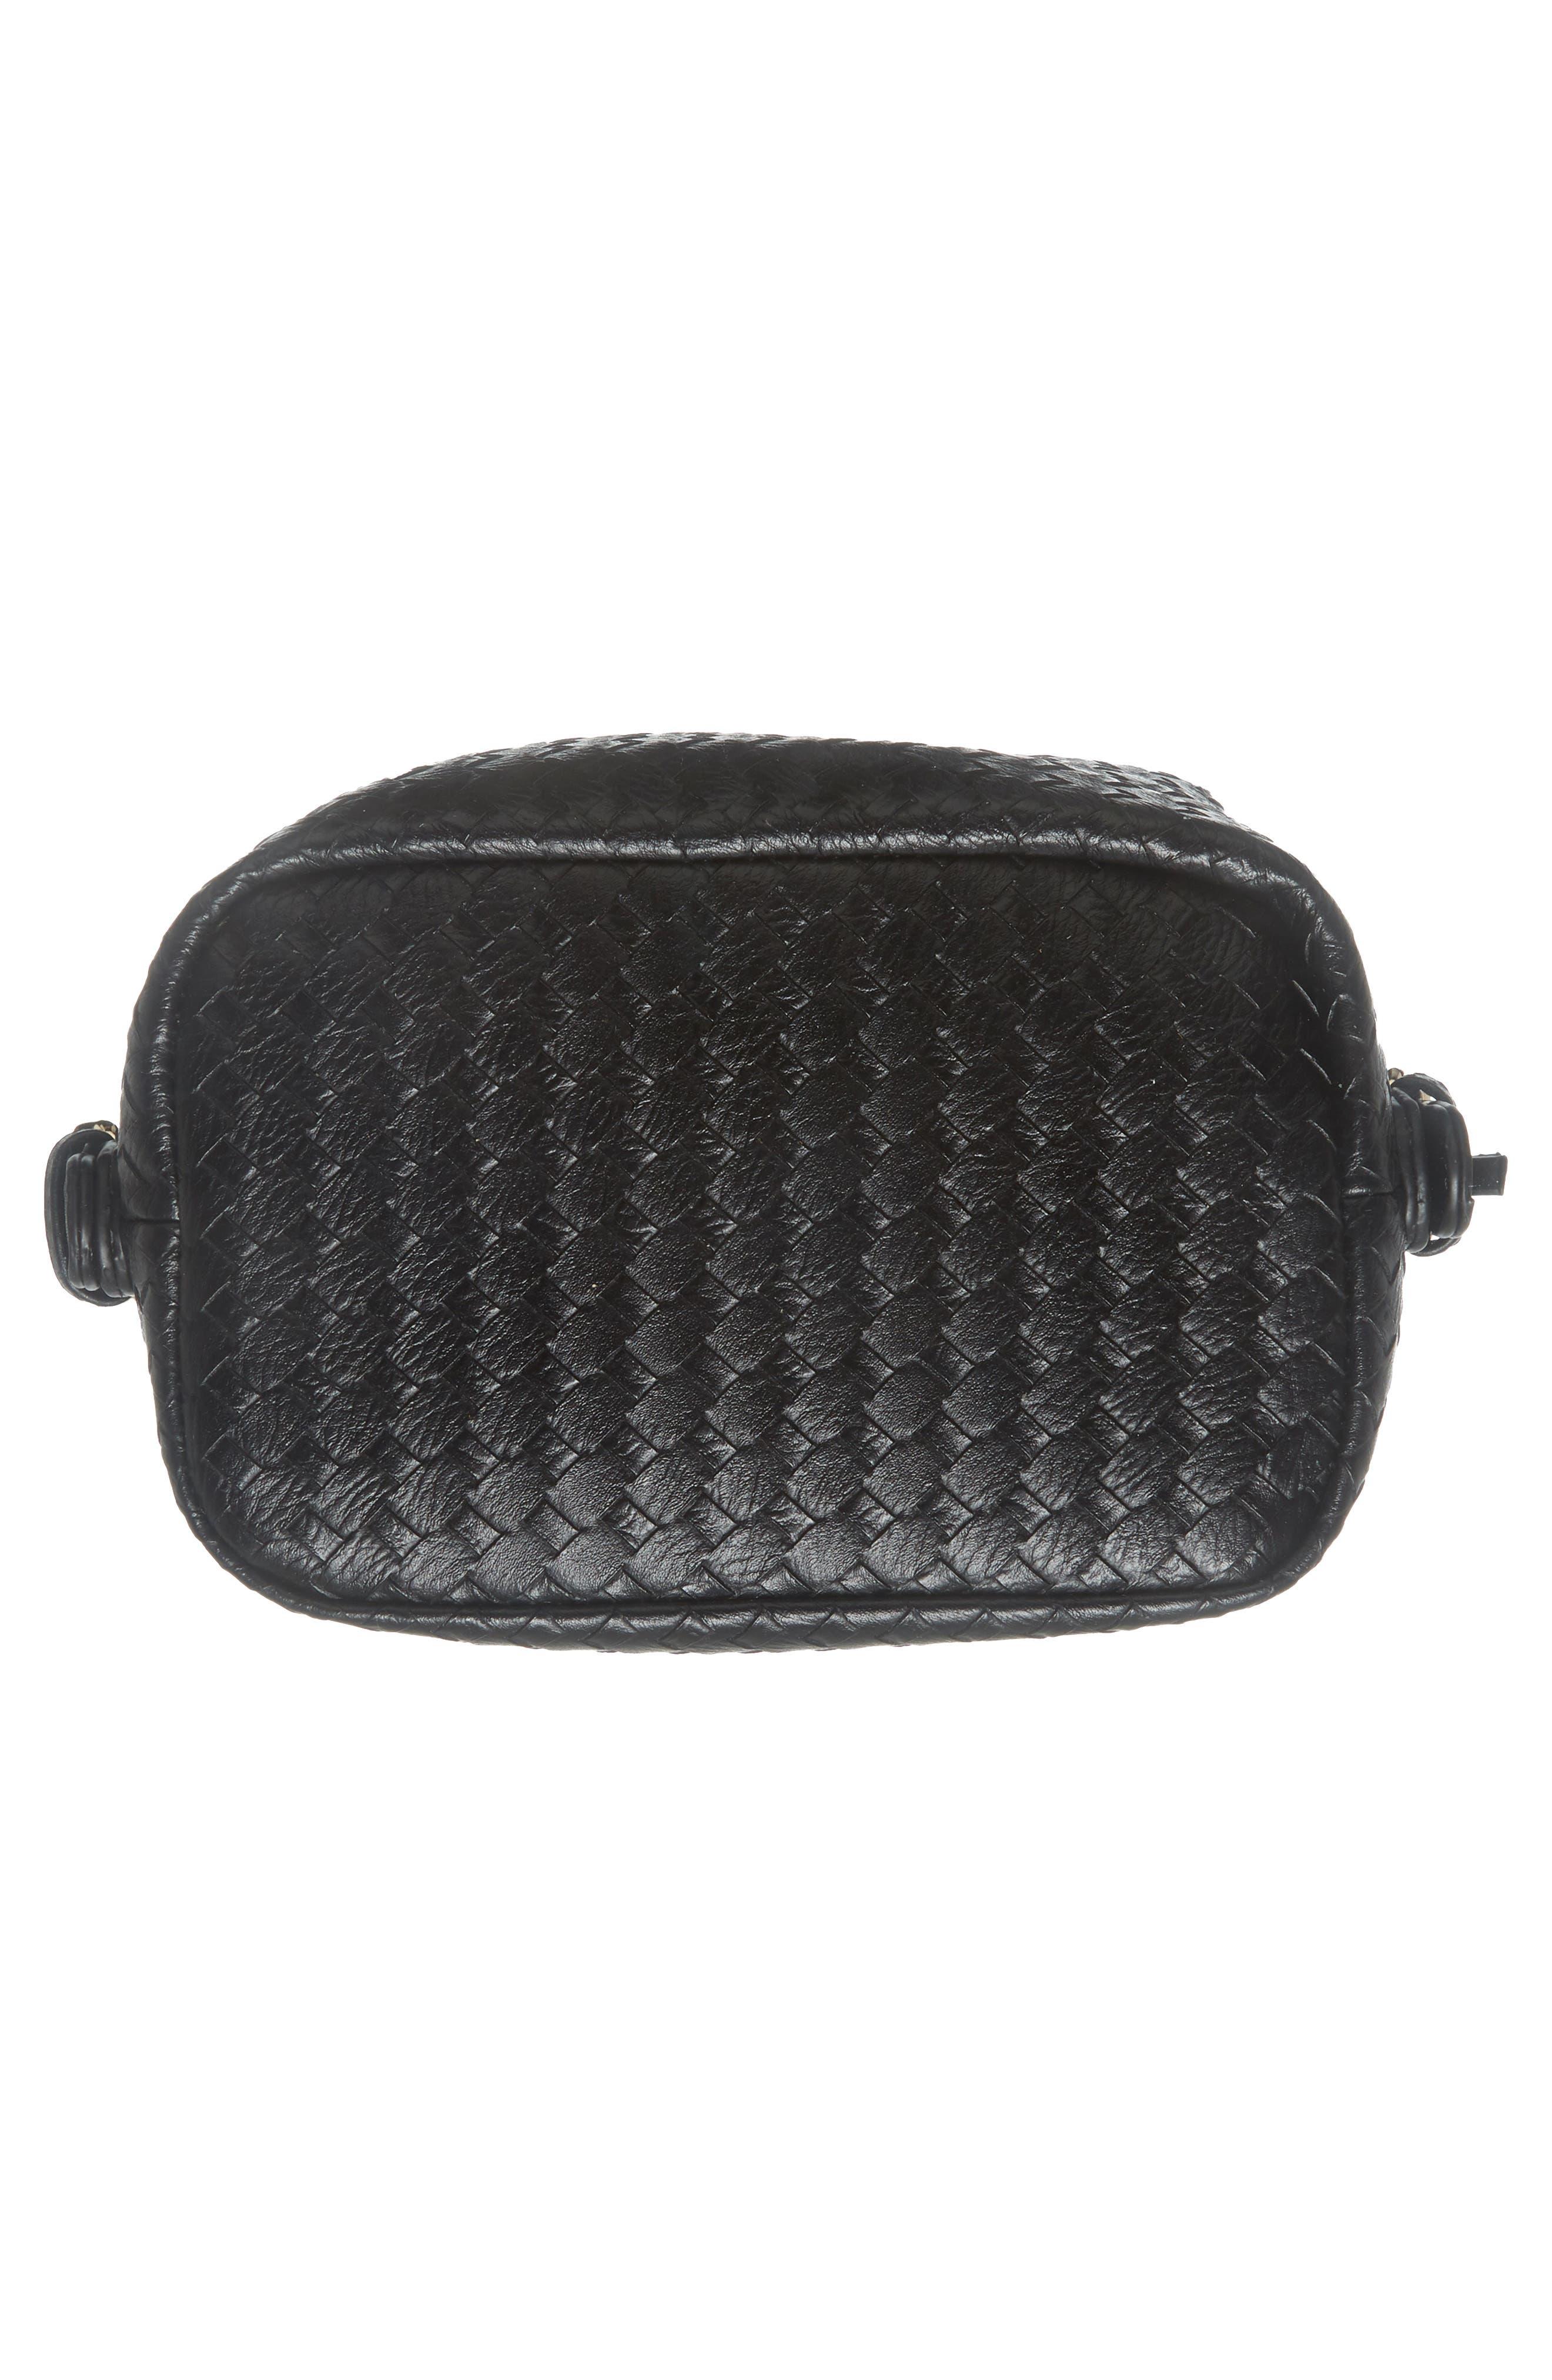 Patrice Woven Faux Leather Mini Satchel,                             Alternate thumbnail 6, color,                             Black